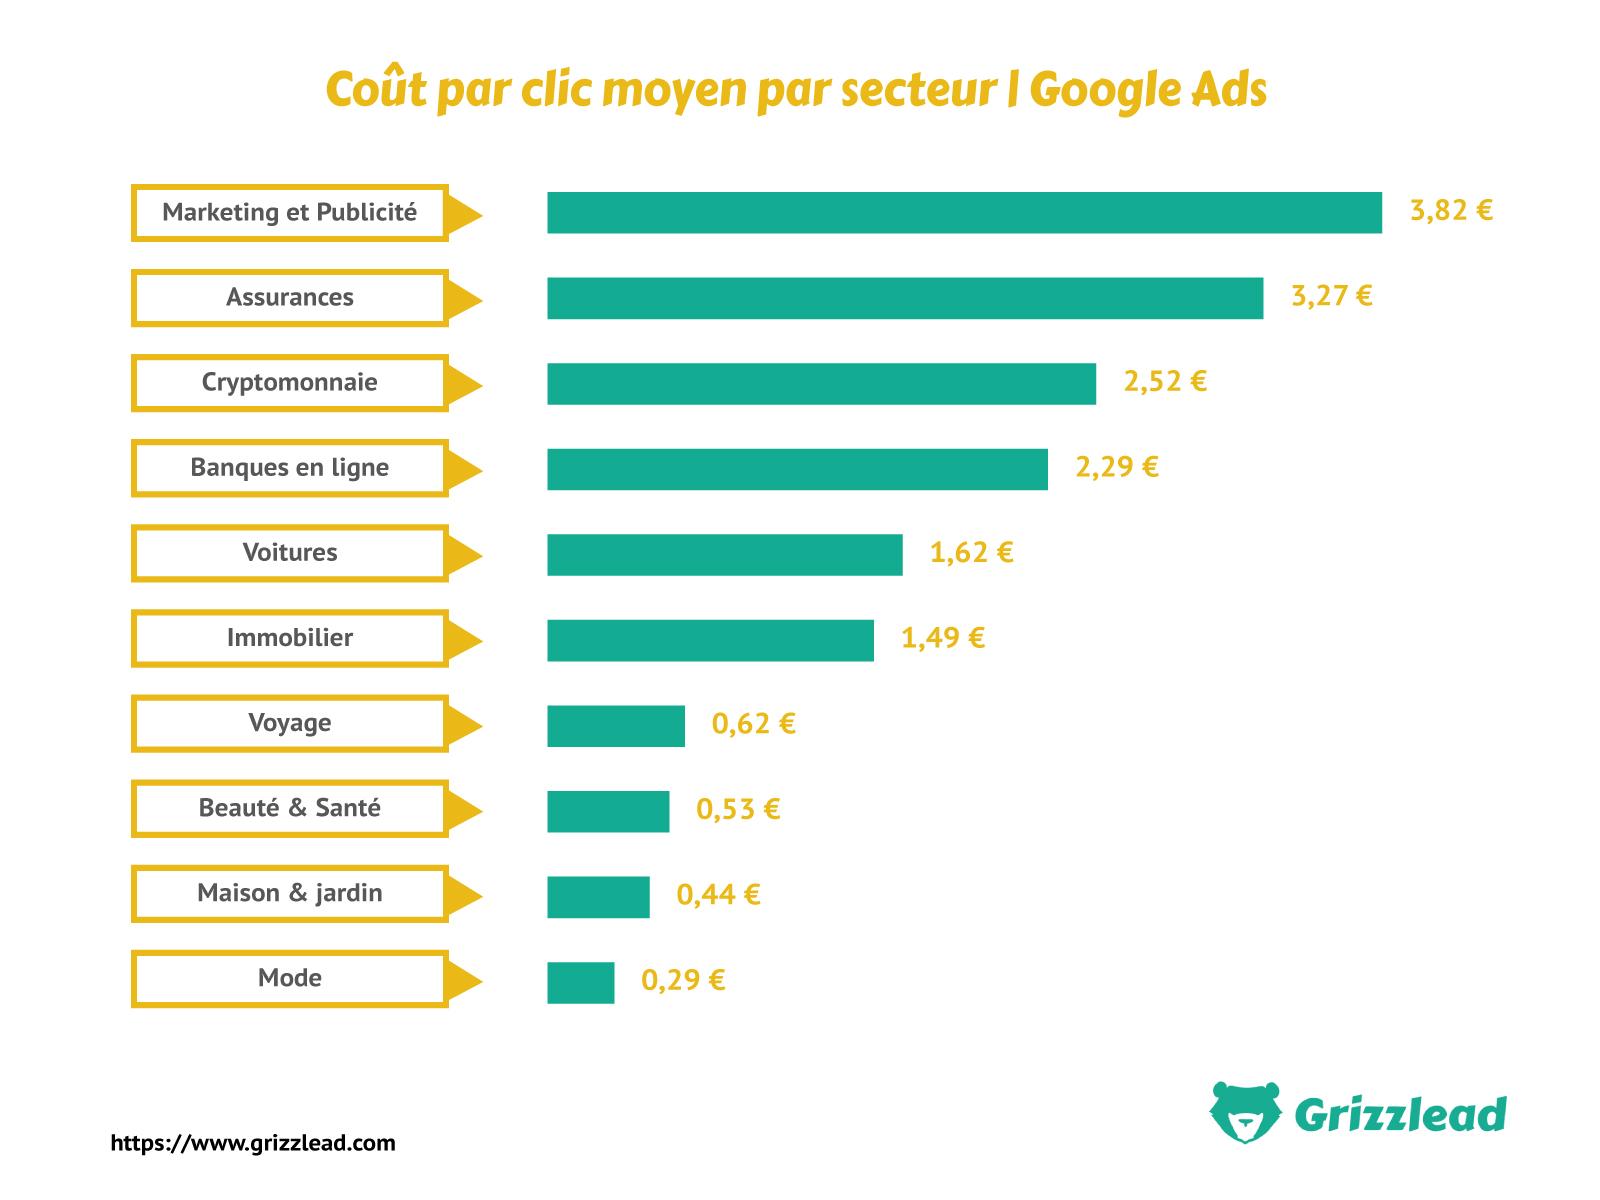 Infographie montrant le coût par clic moyen par secteur d'activité sur Goole Ads Adwords